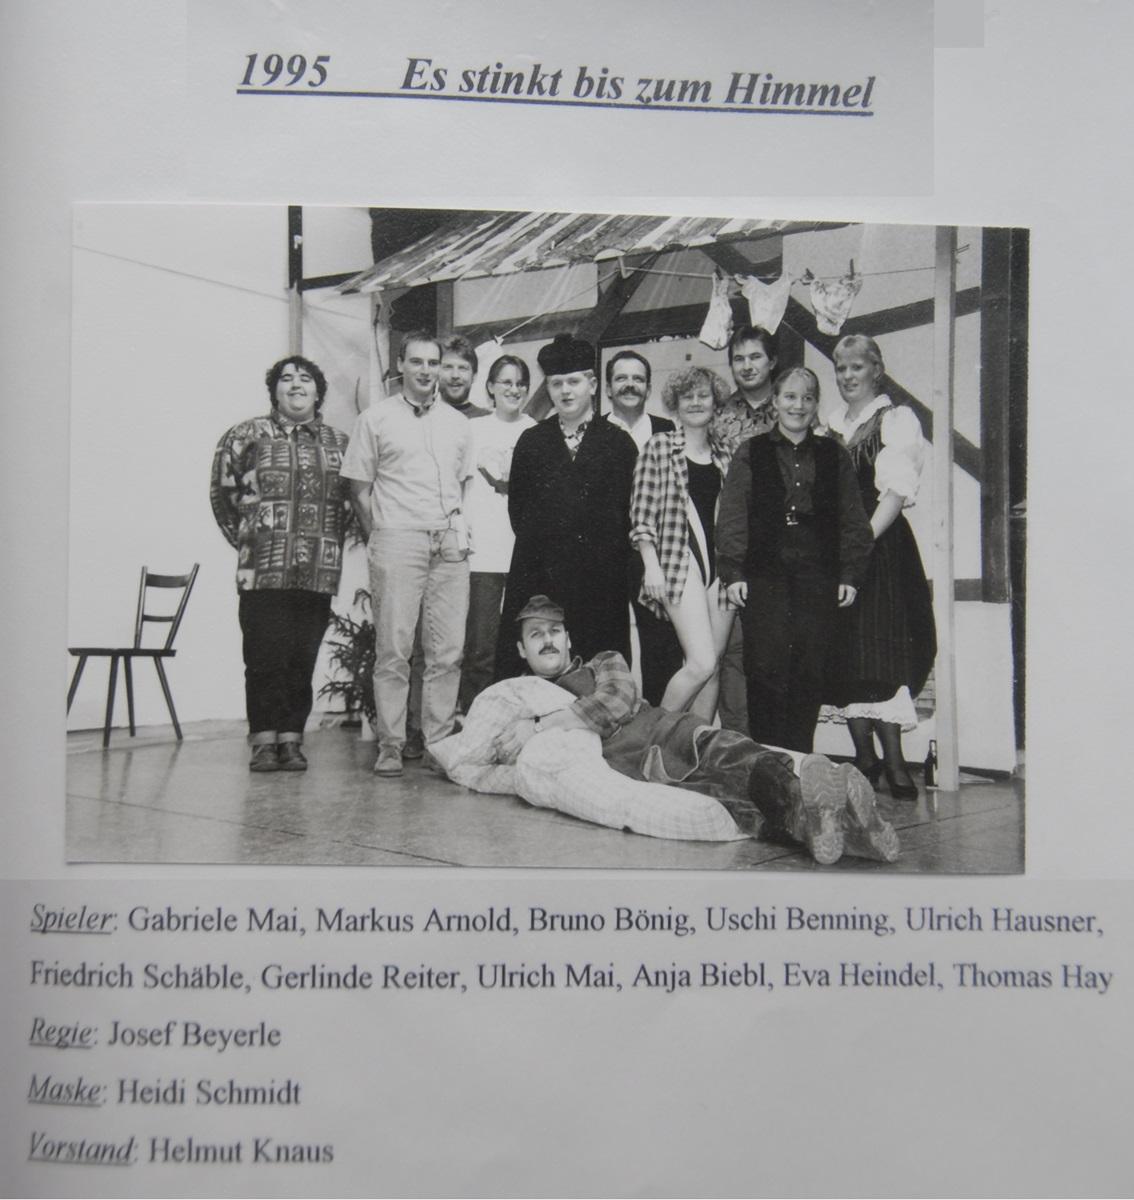 KSC-Theater-1995-Es-stinkt-zum-Himmel